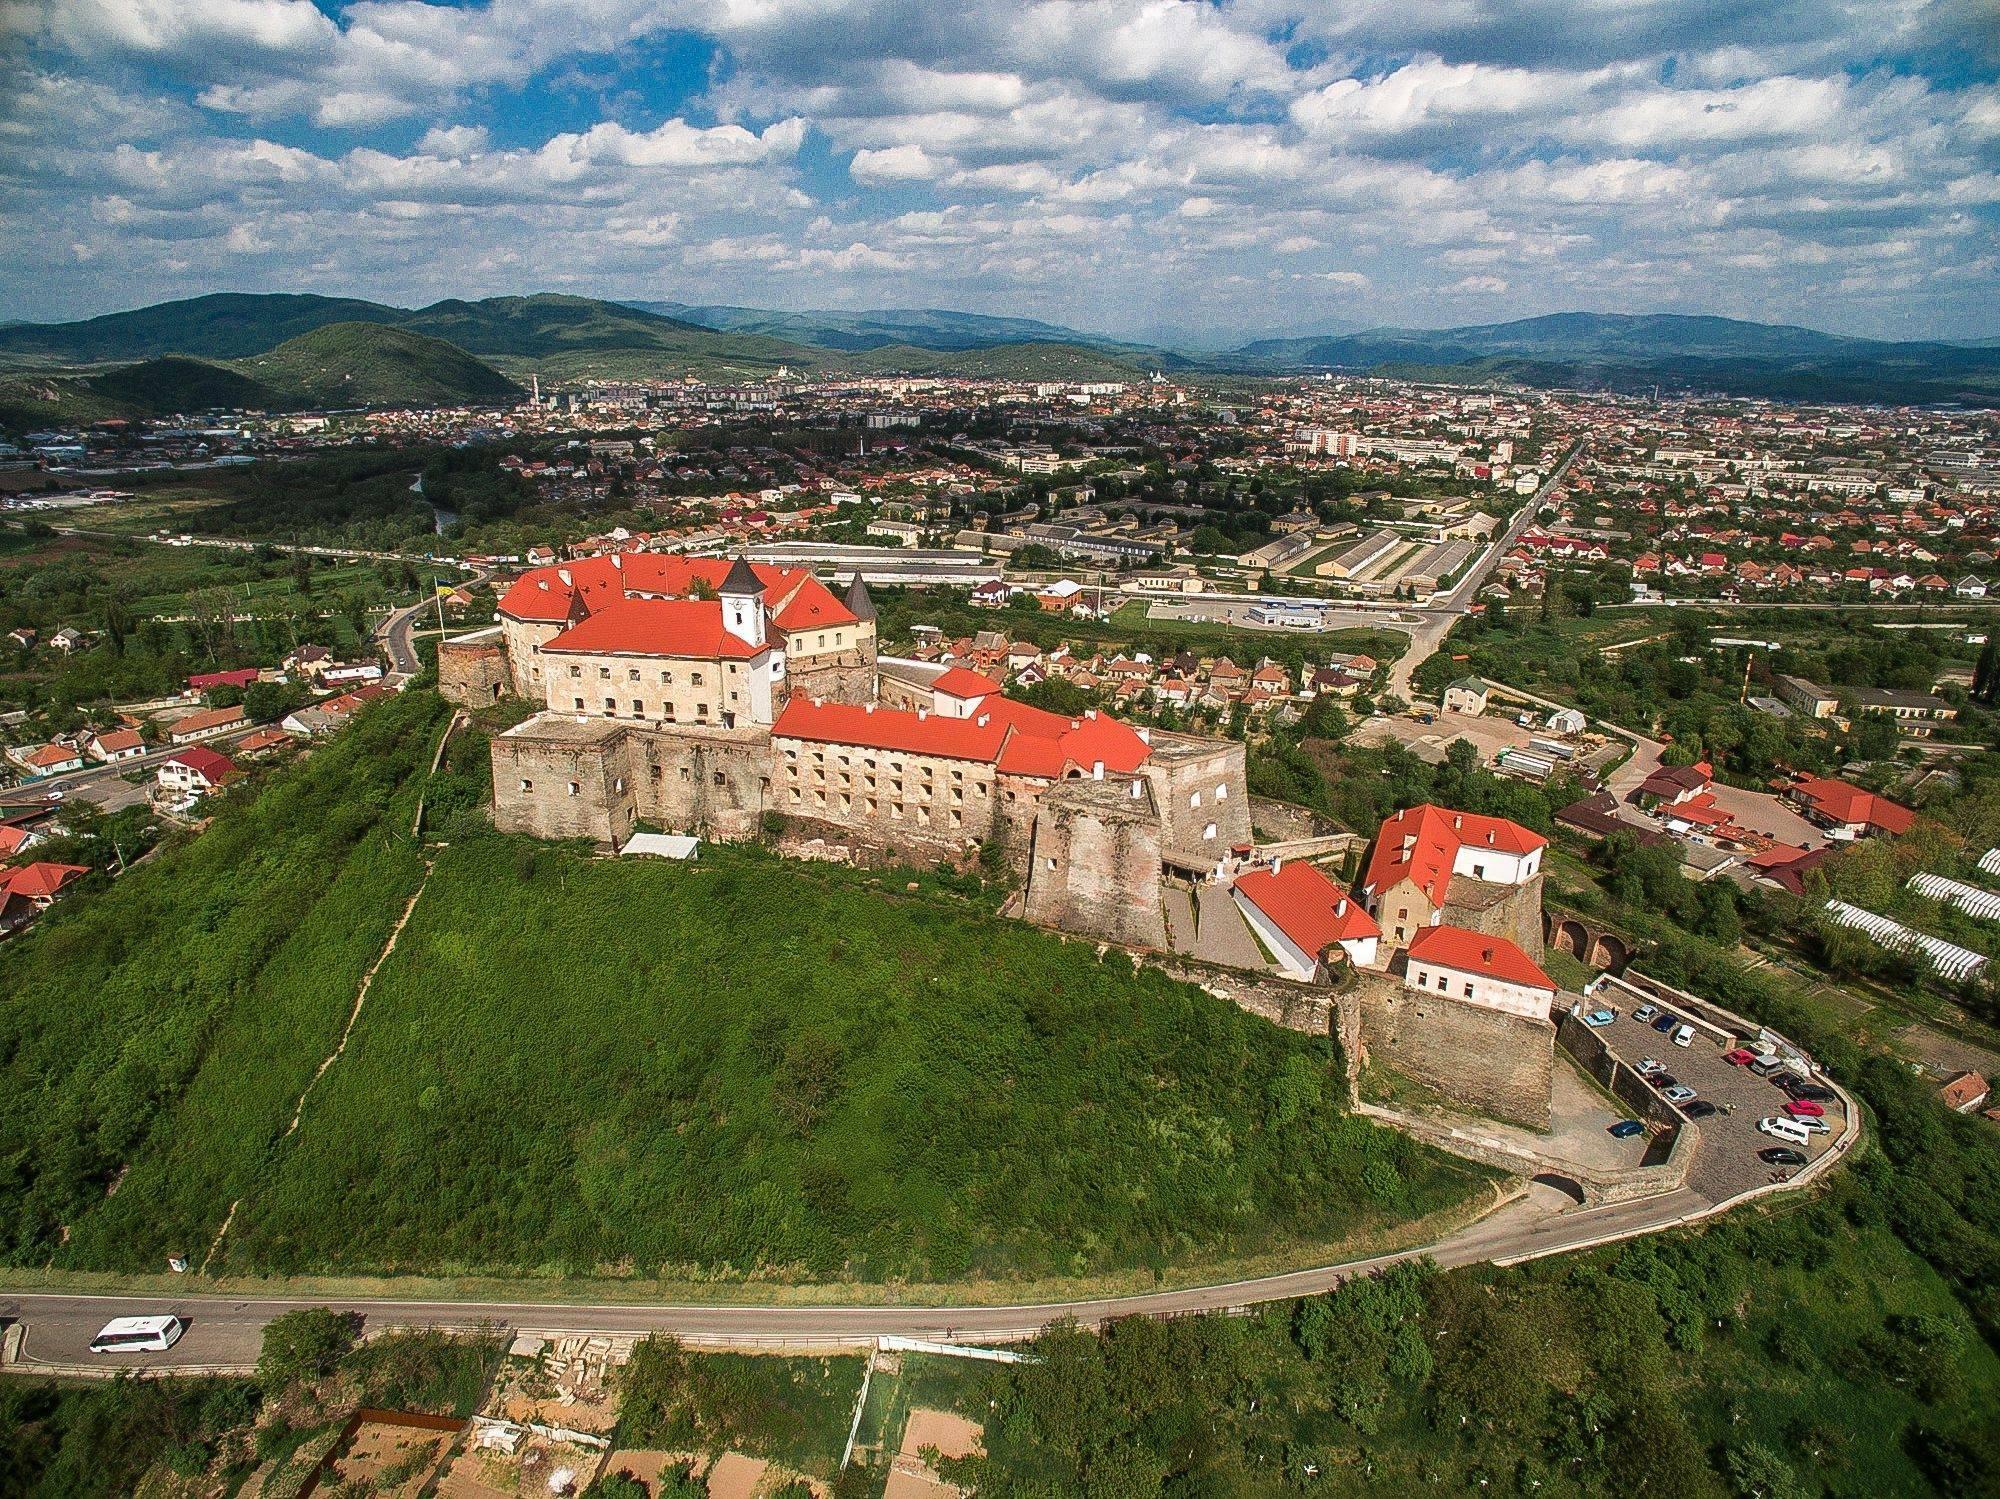 """У Мукачеві назвали кількість туристів, які відвідали замок """"Паланок""""   PMG.ua – новини Мукачева та Закарпаття"""